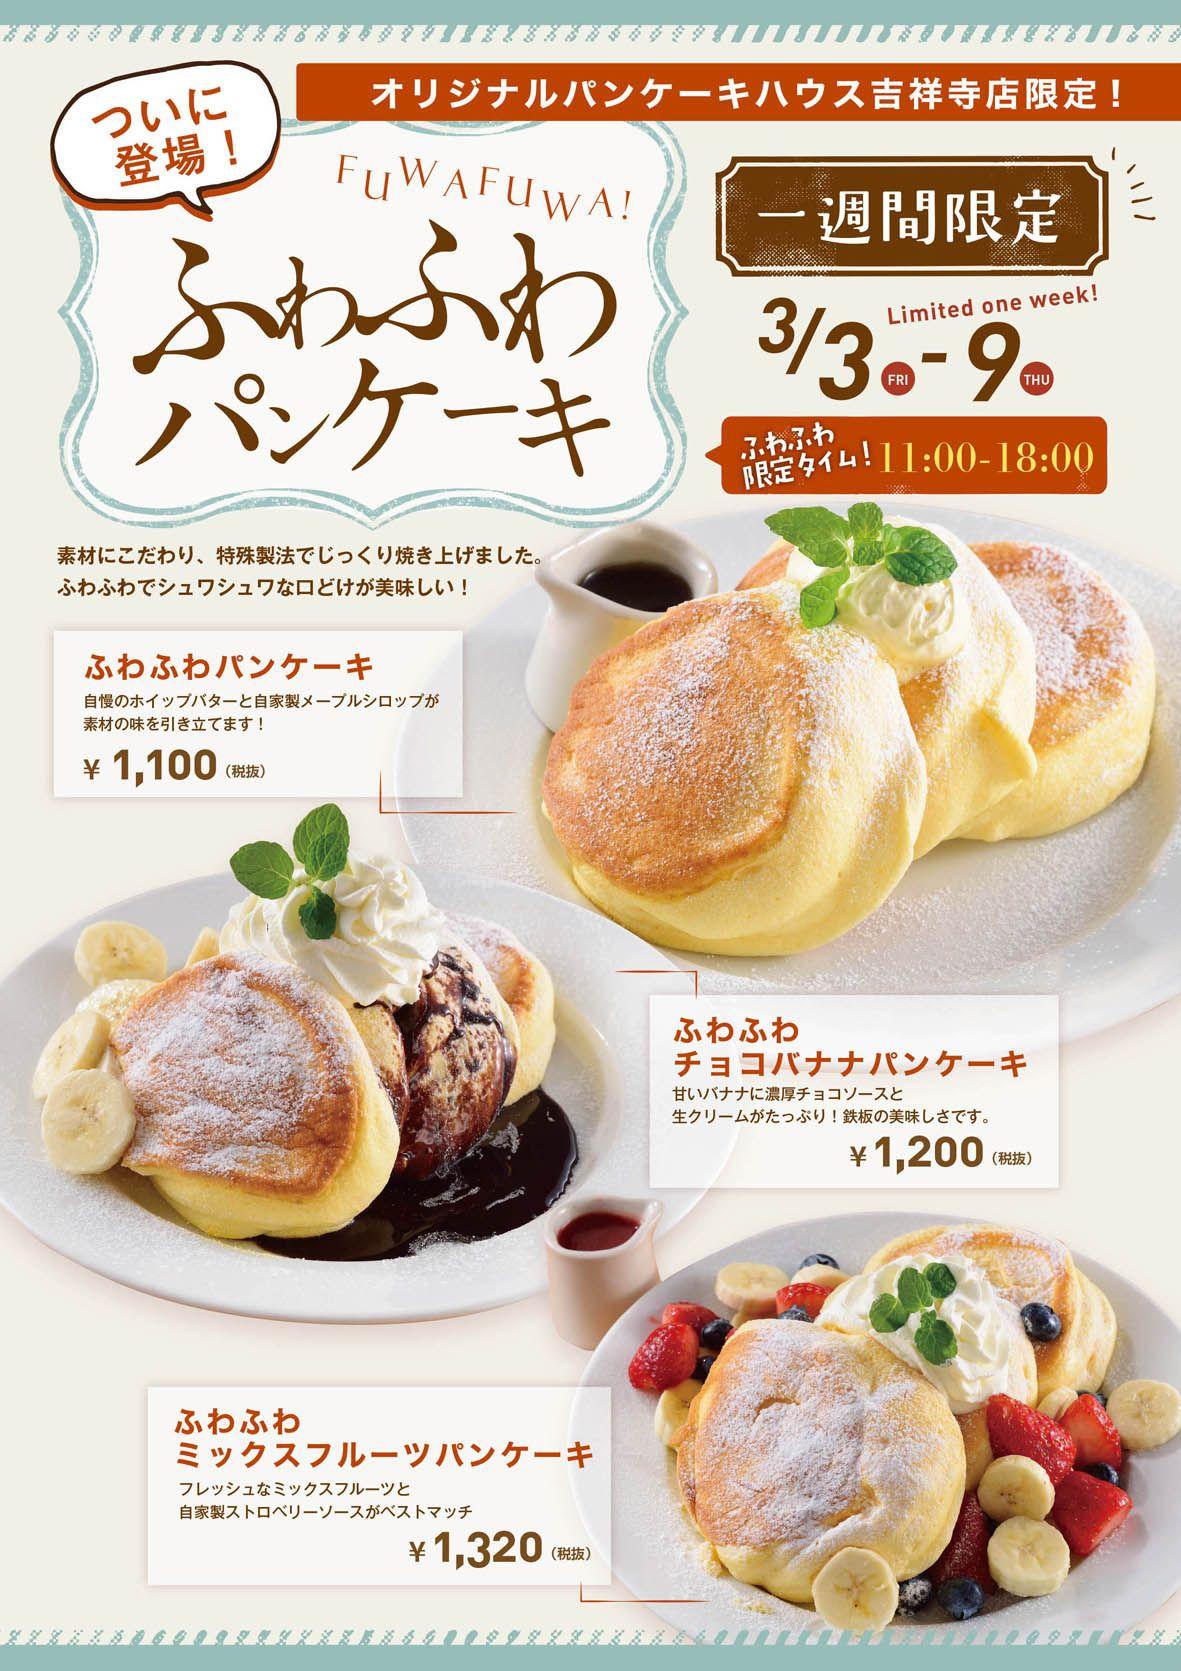 ふわふわパンケーキ フードグラフィックデザイン, ドリンクレシピ, 食べ物の写真